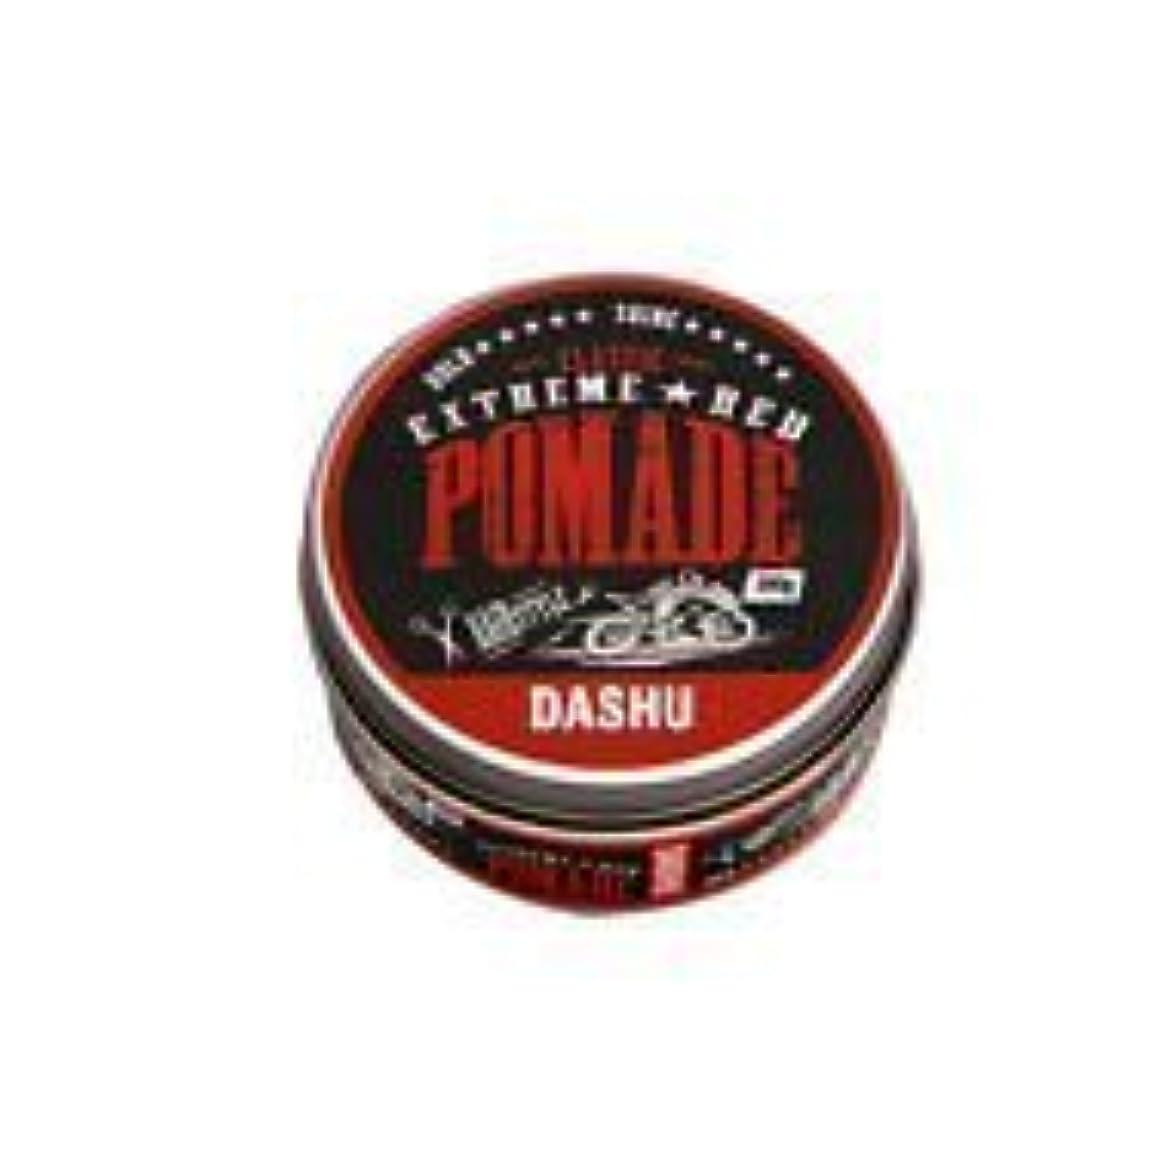 任命貧困顎[DASHU] ダシュ クラシックエクストリームレッドポマード Classic Extreme Red Pomade Hair Wax 100ml / 韓国製 . 韓国直送品